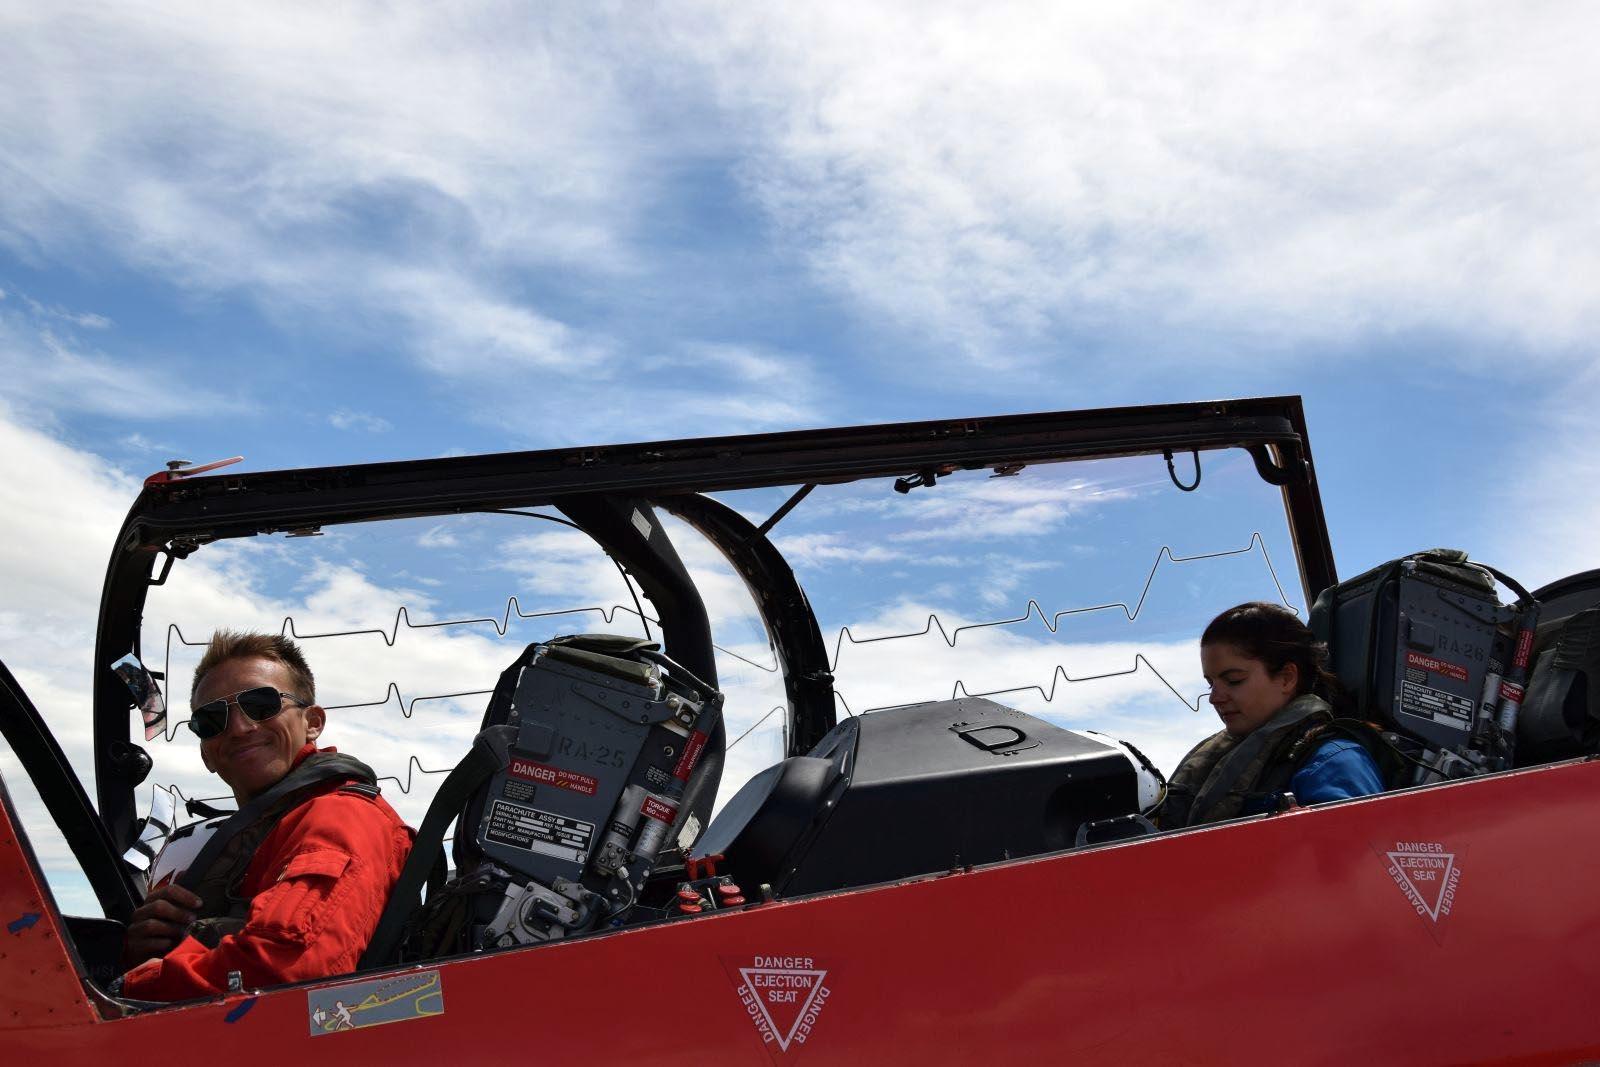 """Akrobatska grupa Hrvatskog ratnog zrakoplovstva """"Krila Oluje"""" i akrobatska grupa Ujedinjene Kraljevine Velike Britanije i Sjeverne Irske RAF (Royal Air Force) """"Red Arrows"""" izveli su u petak, 31. svibnja 2019. pozdravni prelet iznad zadarskog kanala u sklopu drugog ovogodišnjeg posjeta """"Red Arrowsa"""" """"Krilima Oluje"""".Jedinstvenu formaciju od ukupno 16 aviona (6 hrvatskih Pilatusa PC-9M i 10 britanskih aviona BAE HAWK T-1) predvodio je vođa """"Krila Oluje"""" satnik Darko Belančić."""